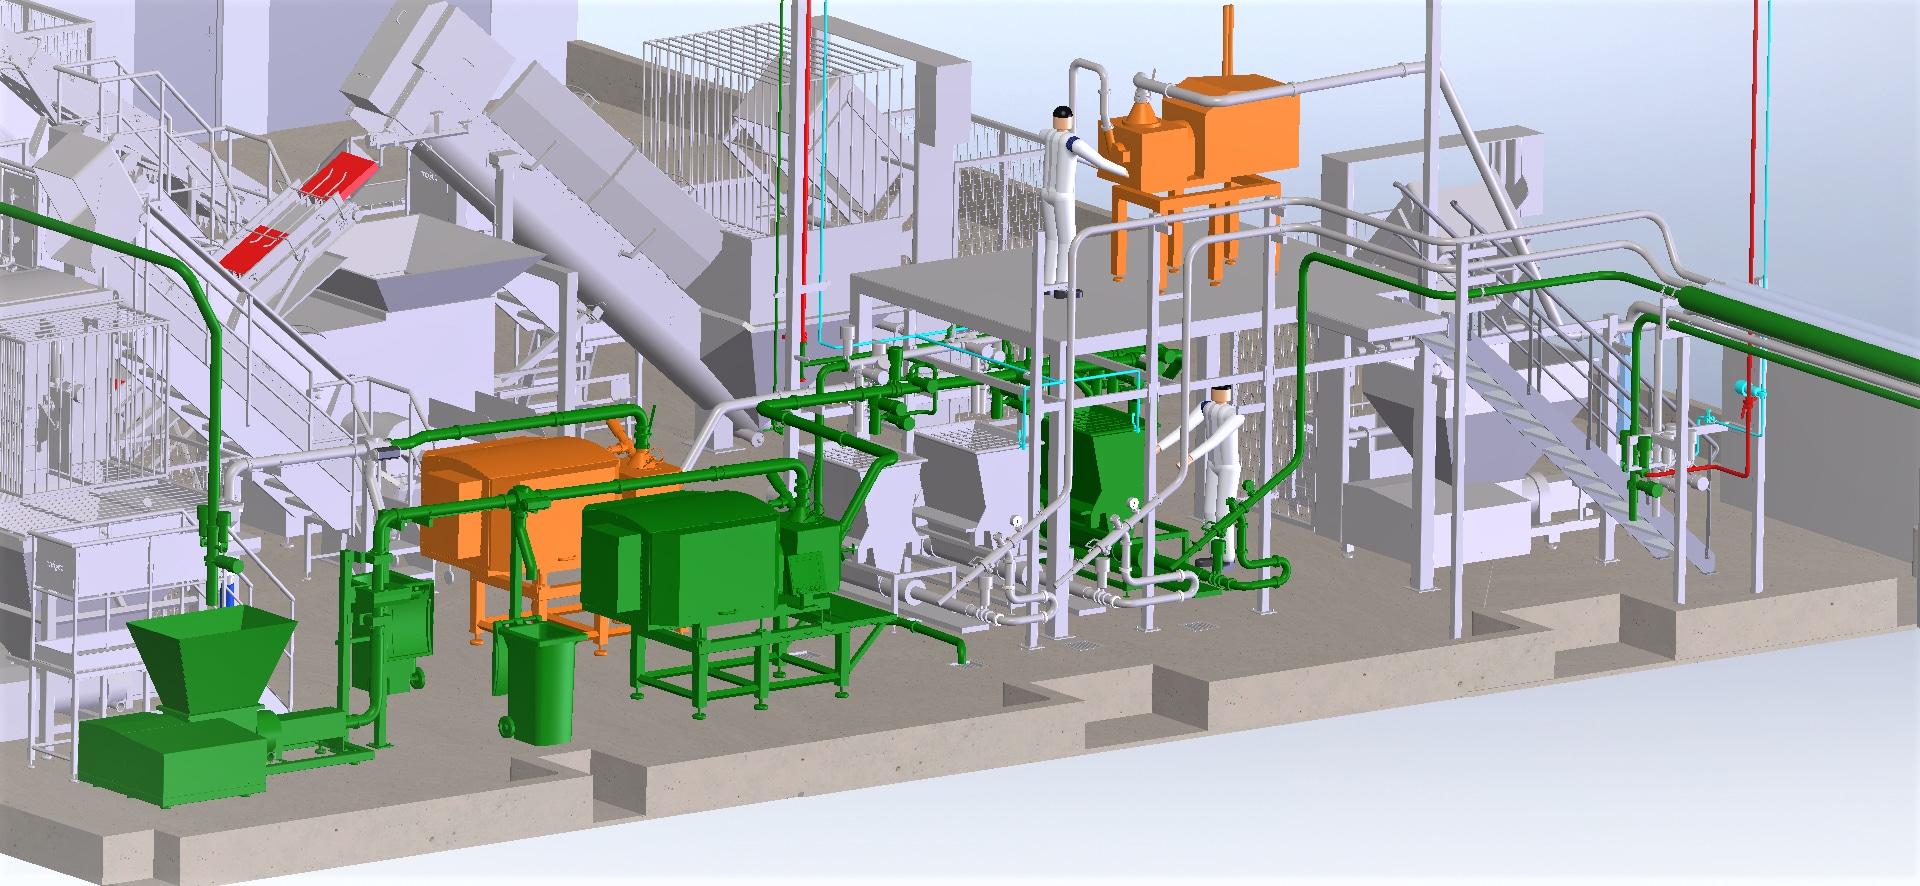 Construc. ligne d'affinage produit secs<br>Implantation détaillée